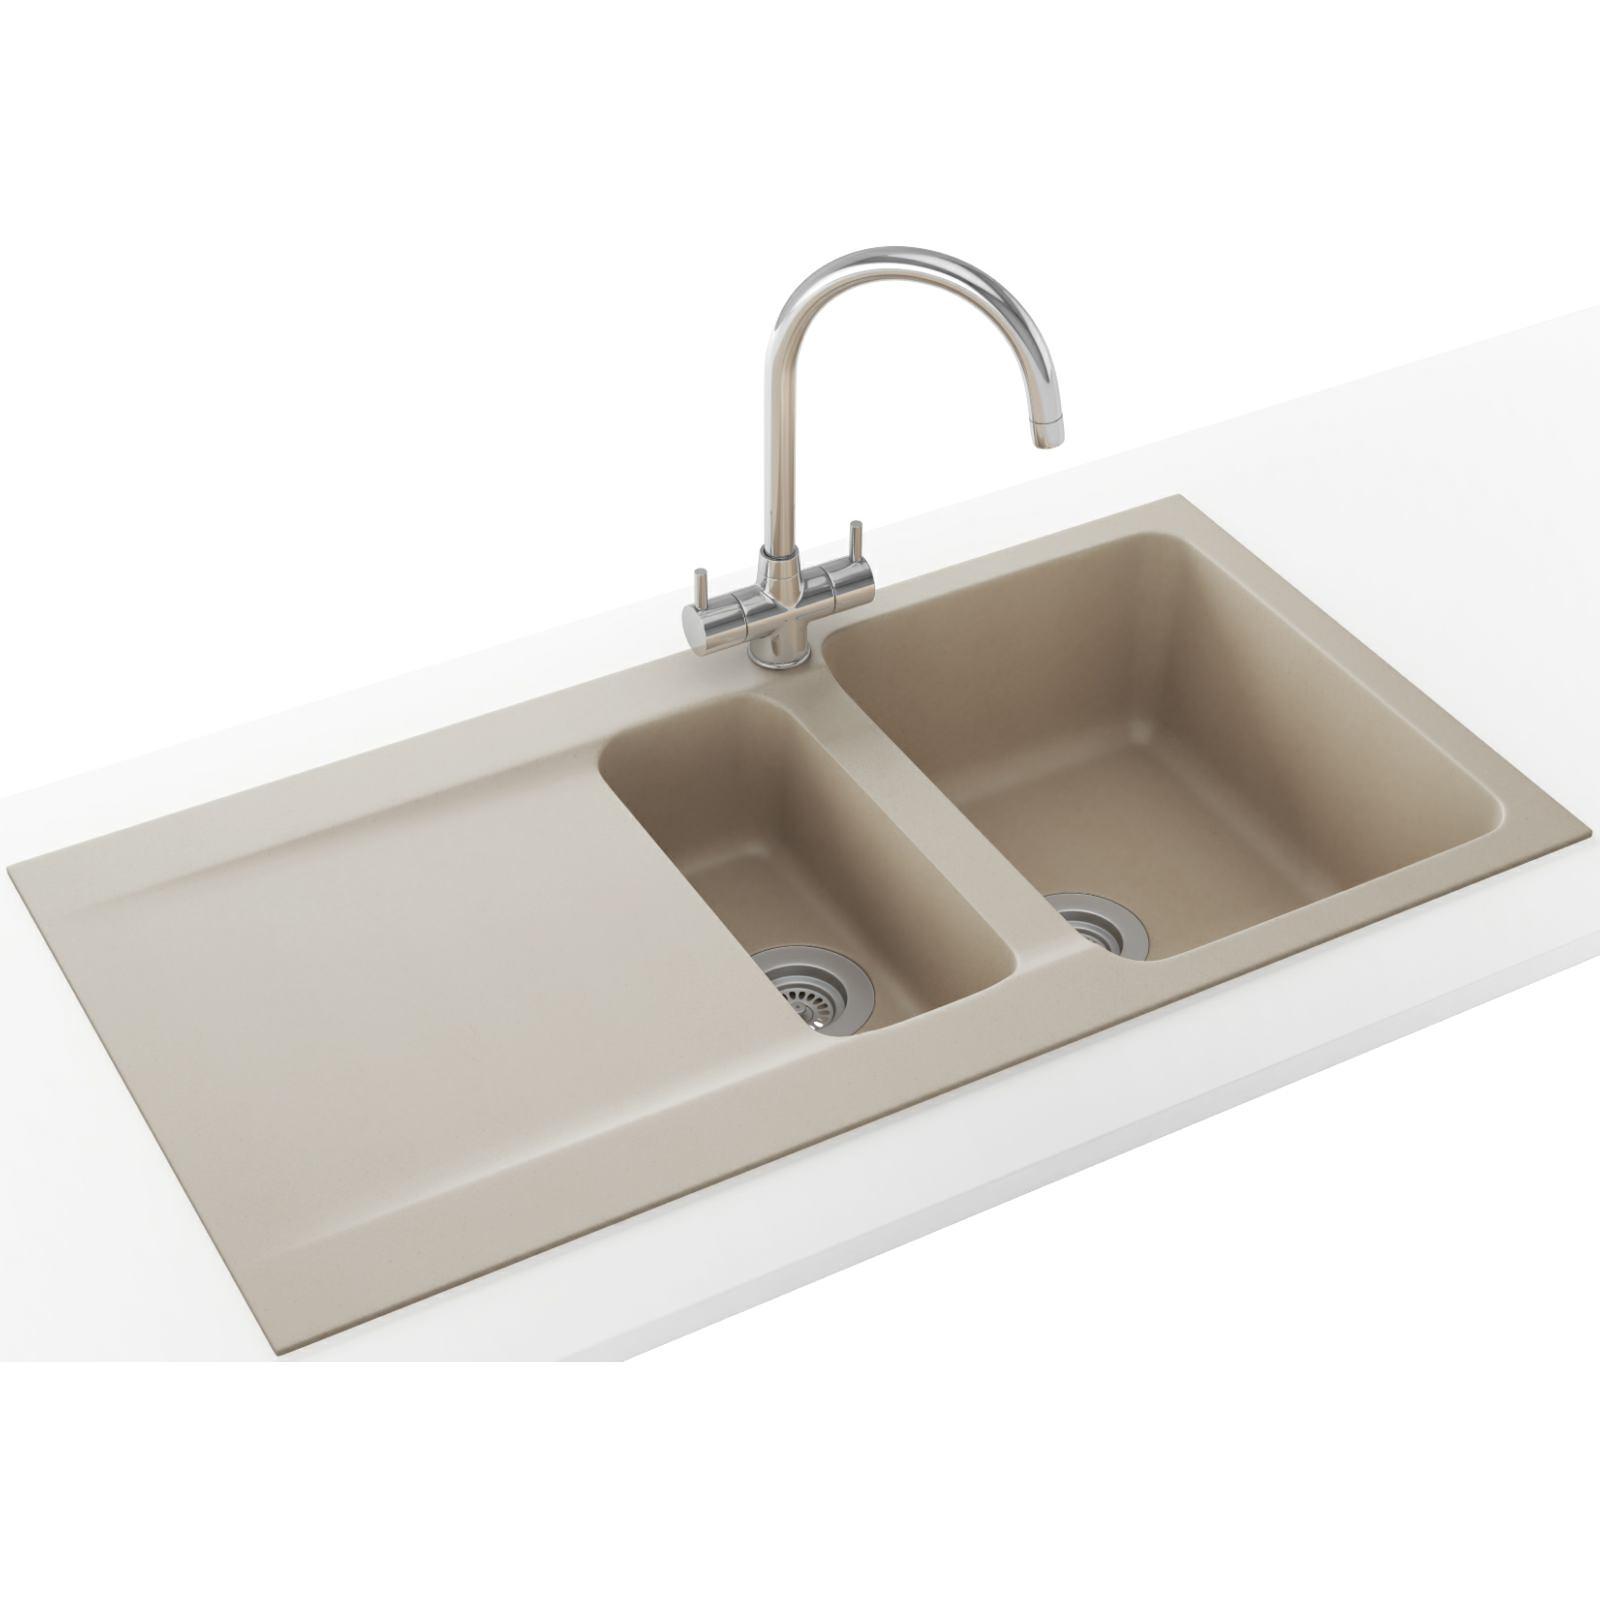 Franke linen finish sinks befon for for Franke sinks